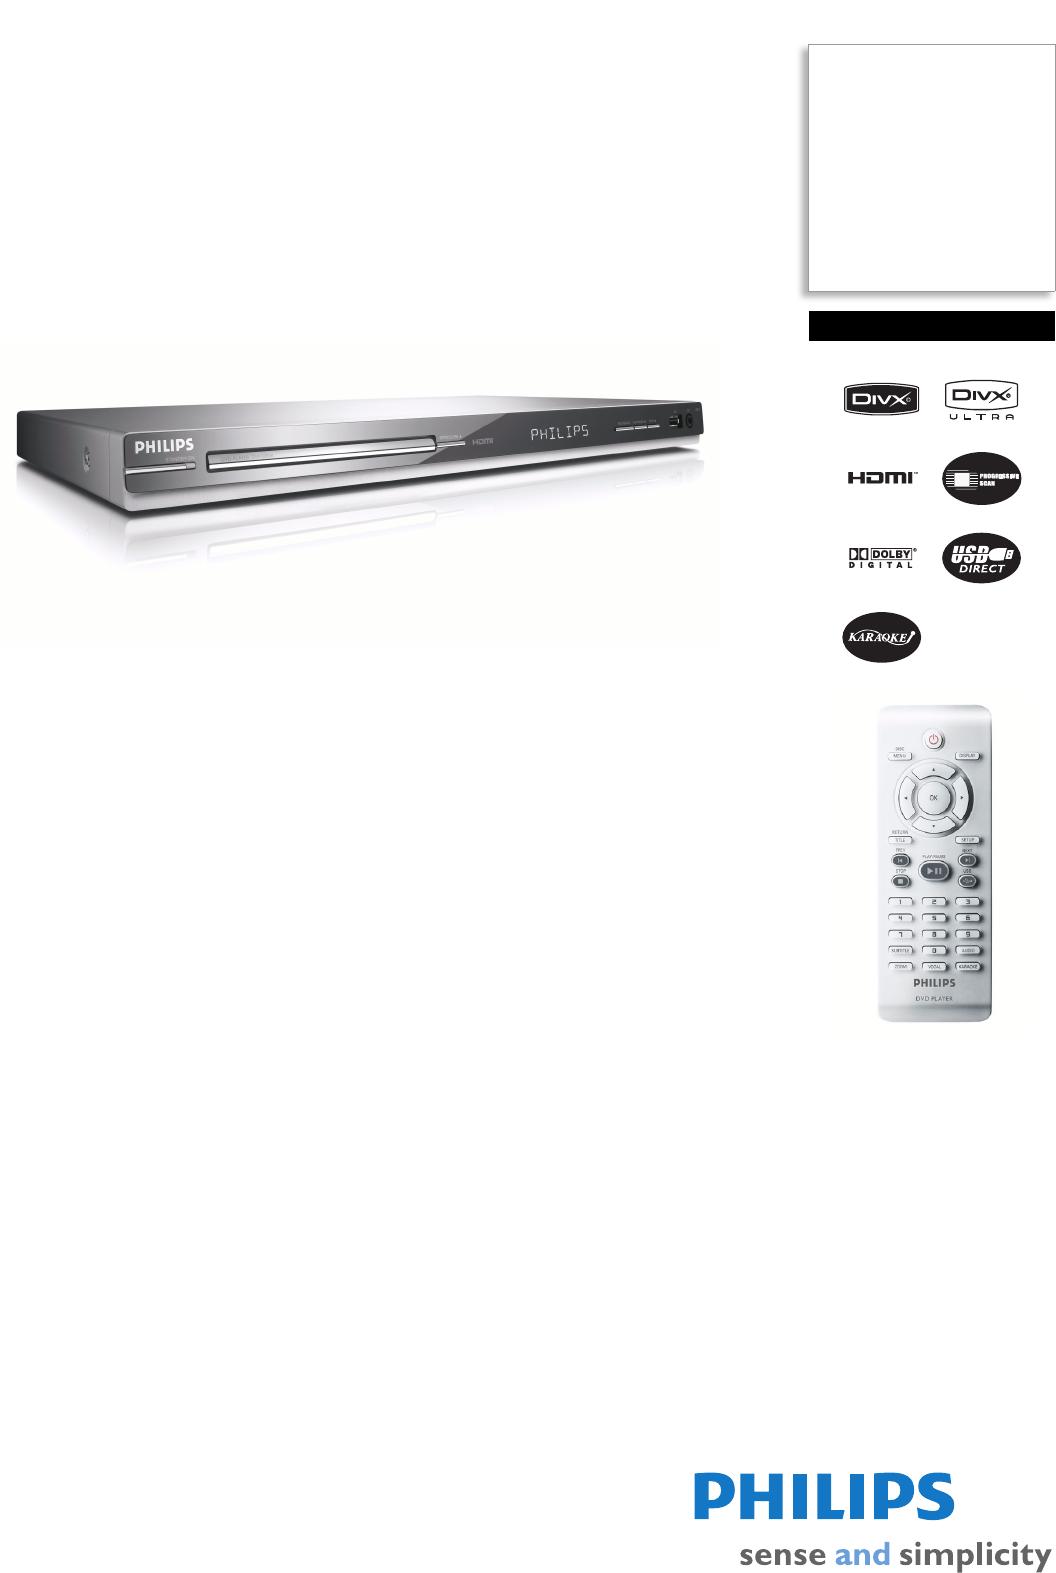 philips dvd player dvp5980k user guide manualsonline com rh tv manualsonline com philips dvp3618/94 dvd player user manual Sony DVD Player